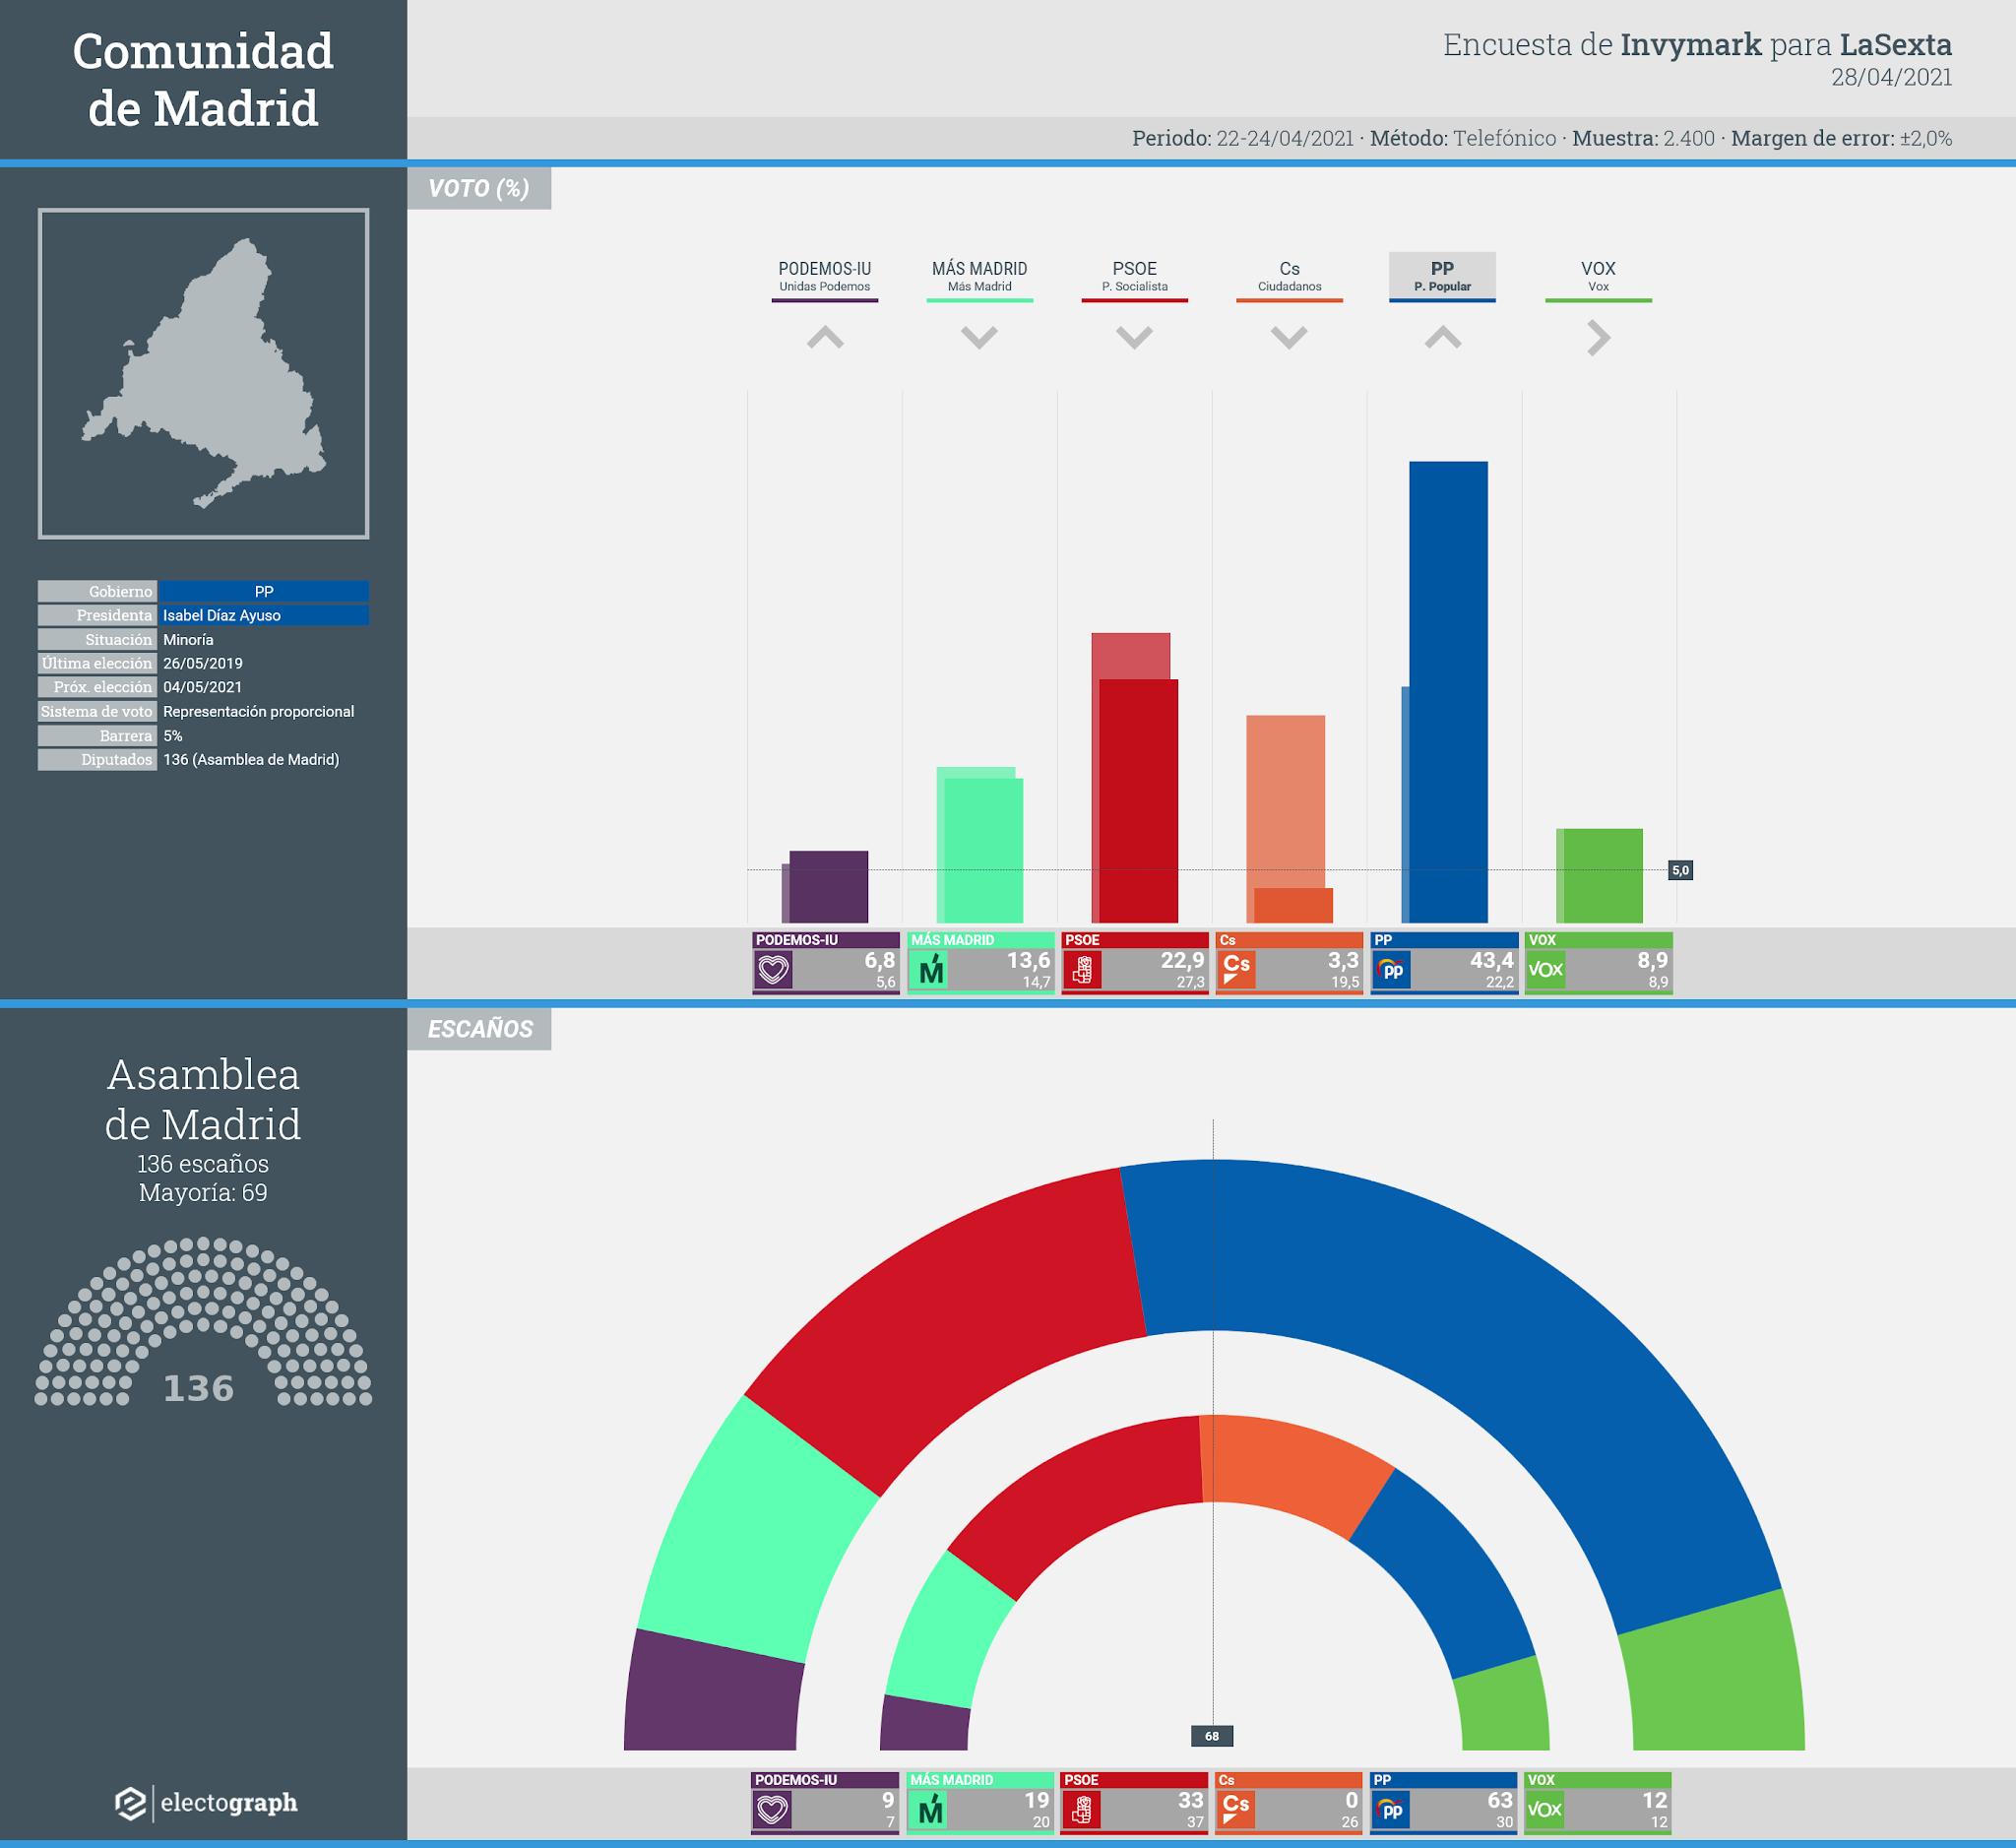 Gráfico de la encuesta para elecciones autonómicas en la Comunidad de Madrid realizada por Invymark para LaSexta, 28 de abril de 2021